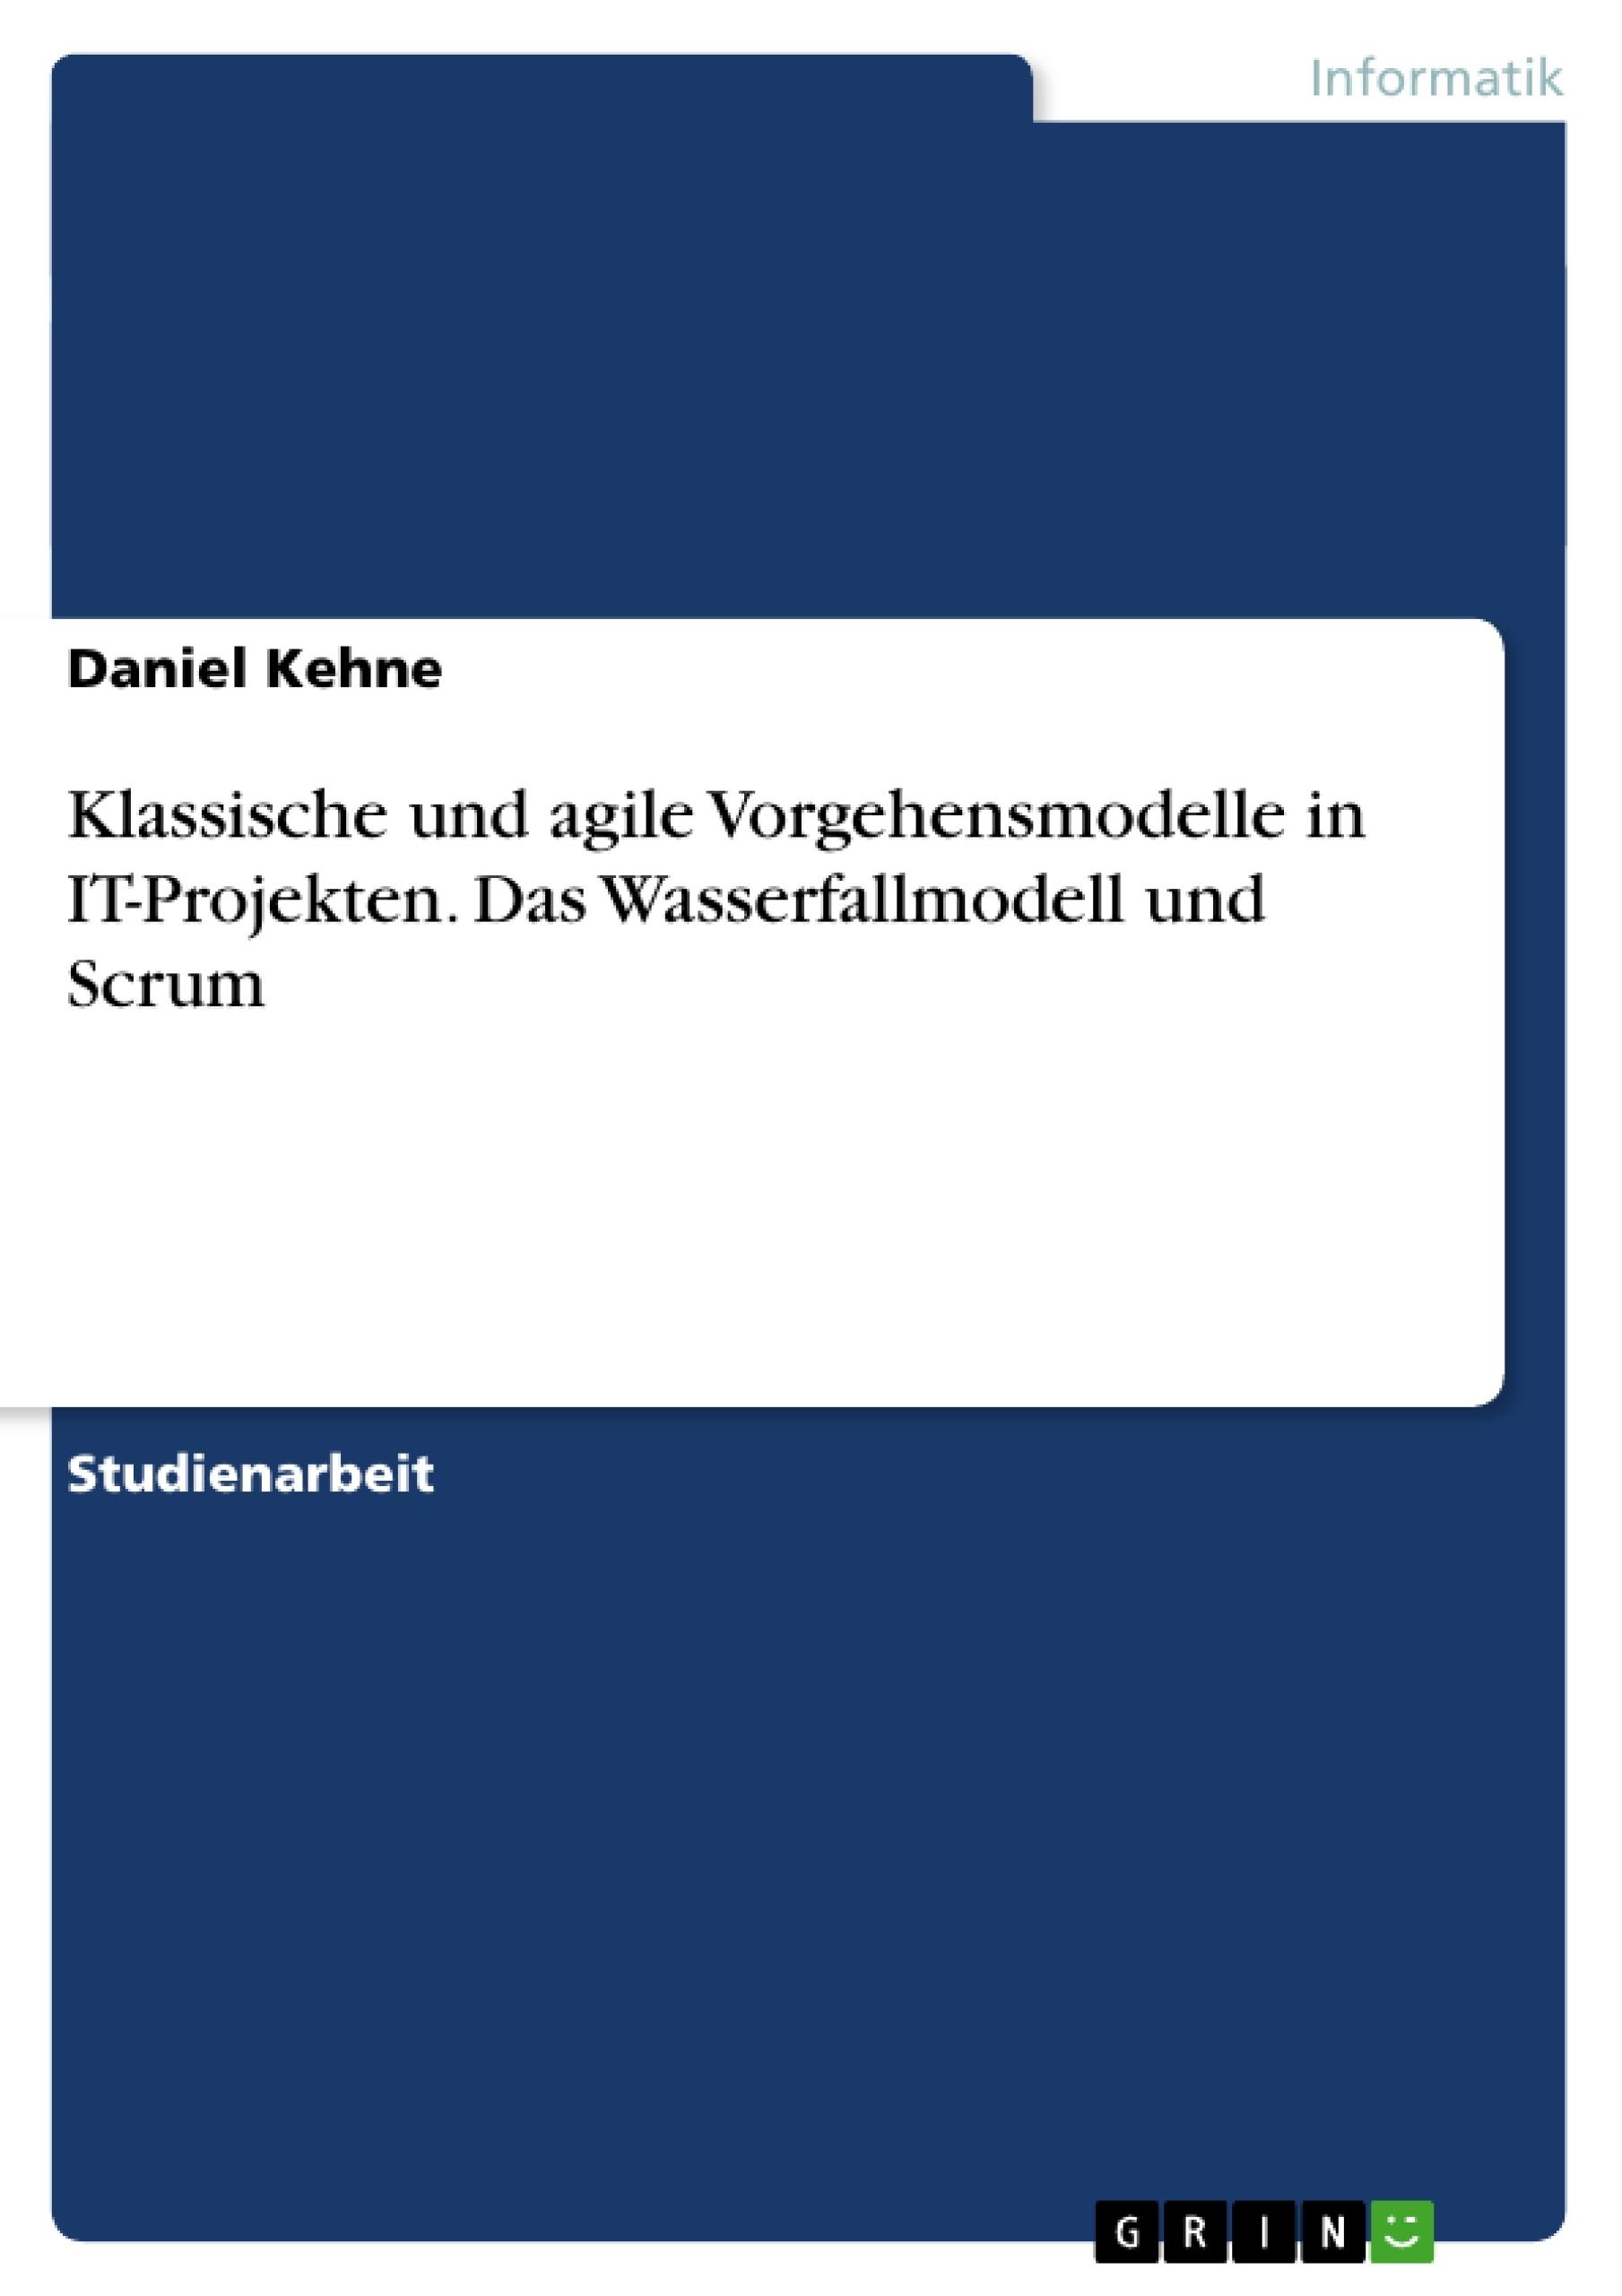 Titel: Klassische und agile Vorgehensmodelle in IT-Projekten. Das Wasserfallmodell und Scrum